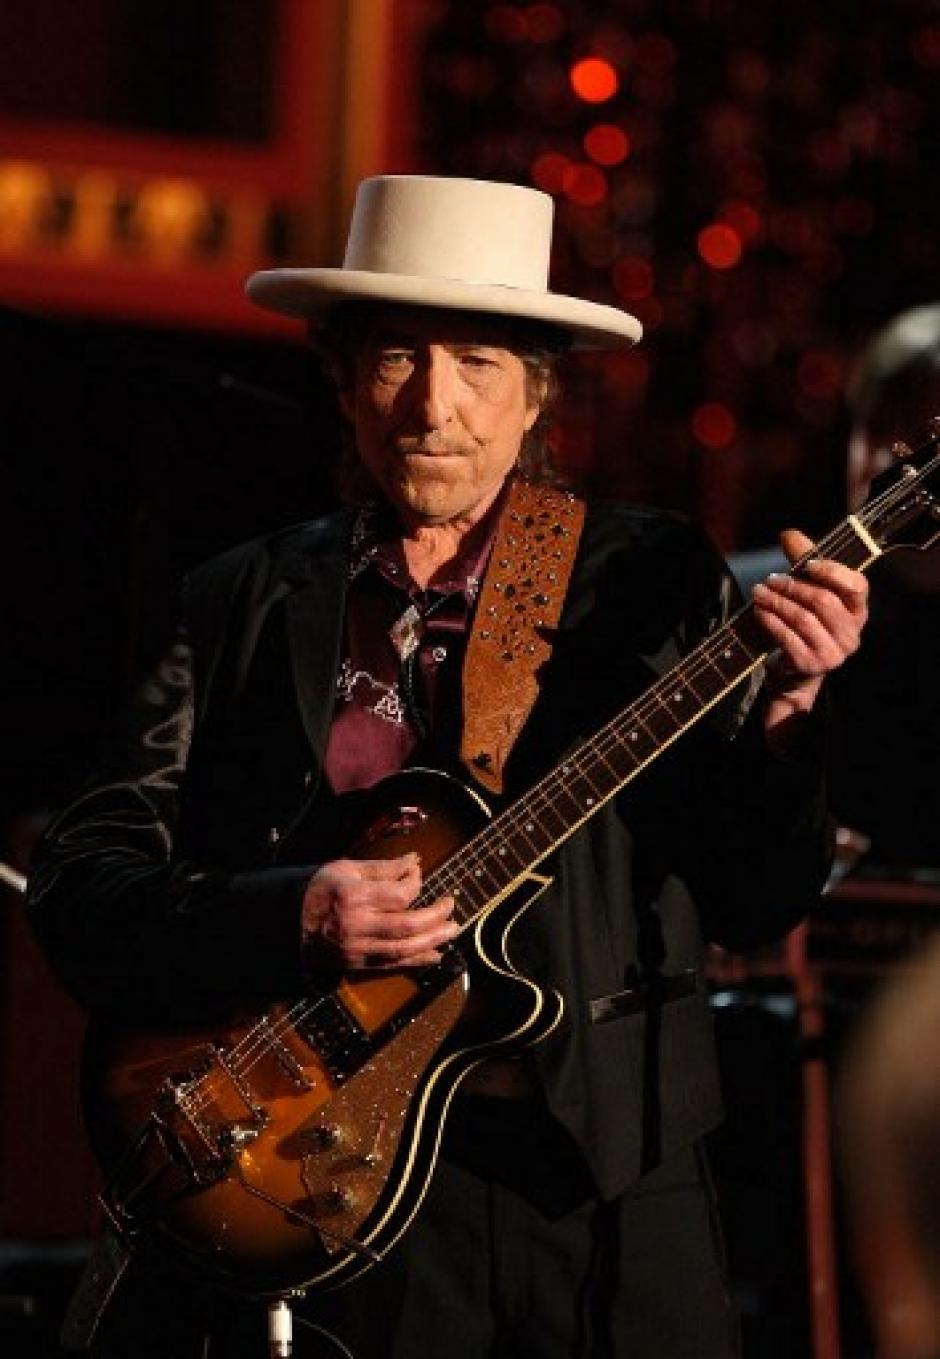 Dylan tiene actualmente 75 años y continúa activo. (Foto: AFP)